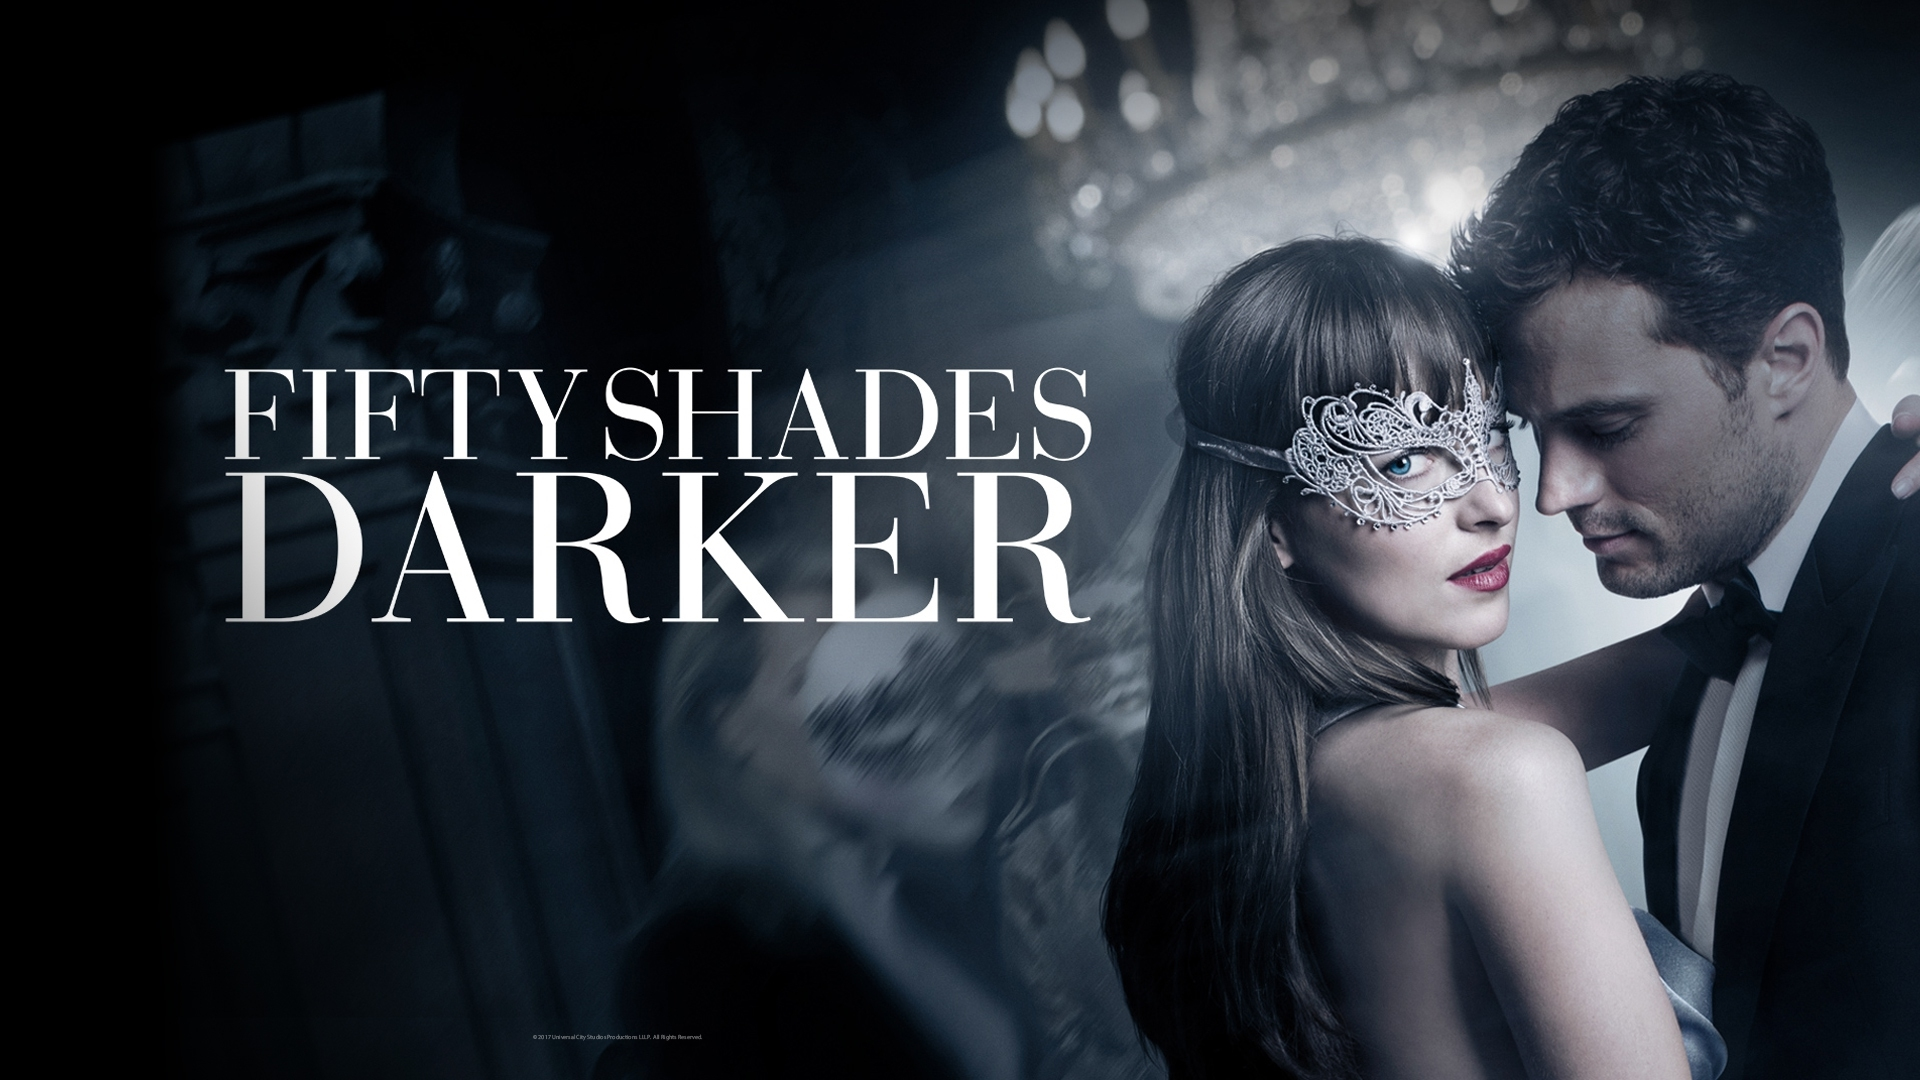 Fifty Shades Darker ฟิฟตี้ เชดส์ ดาร์กเกอร์